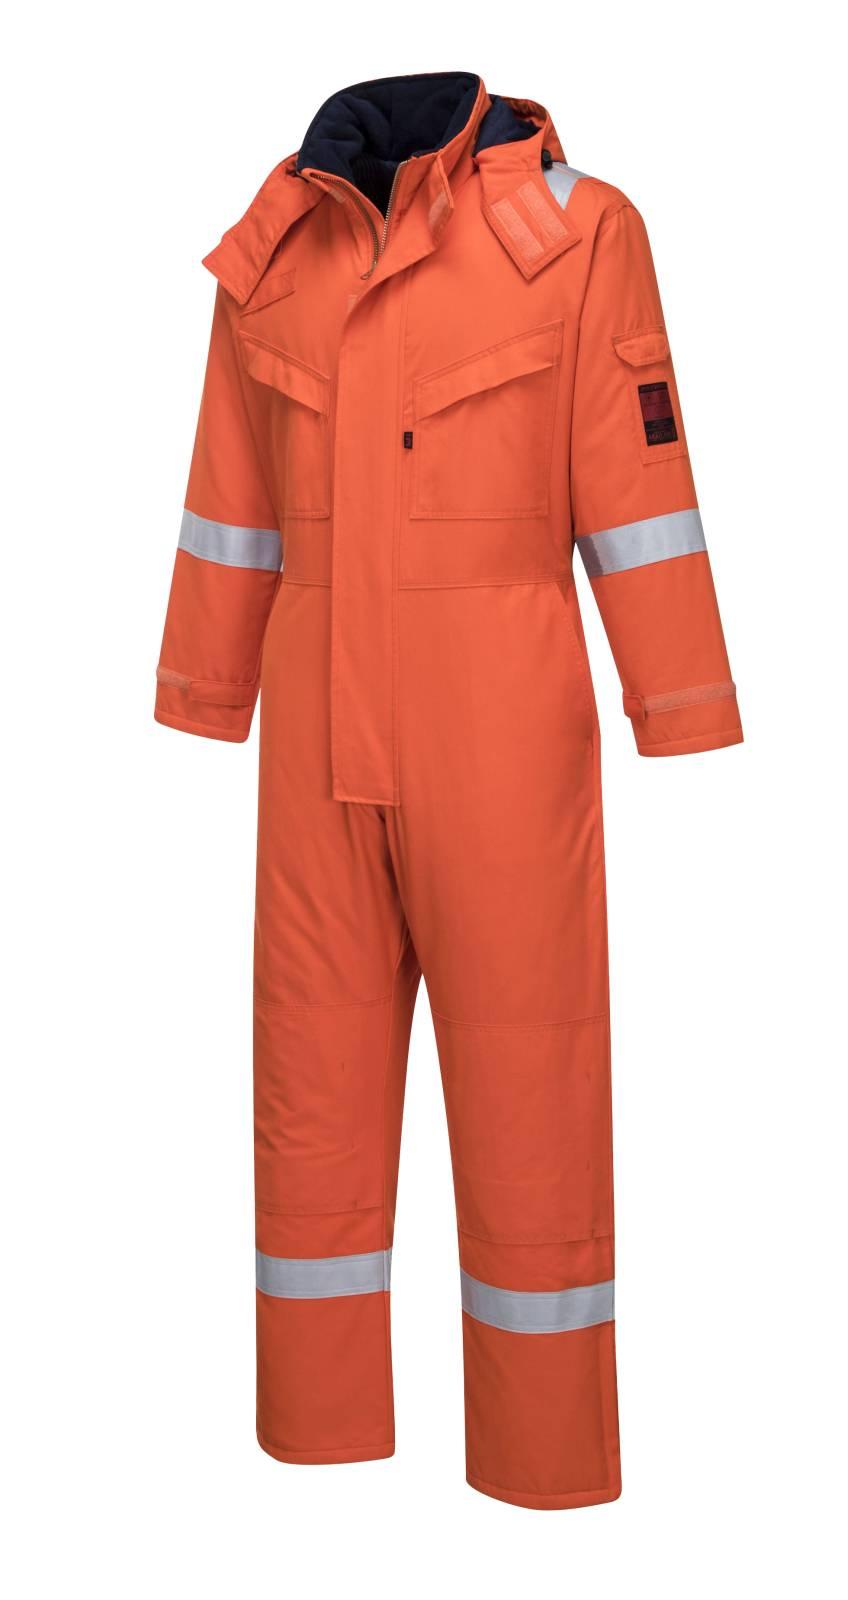 Portwest Araflame Overalls AF84 oranje(OR)